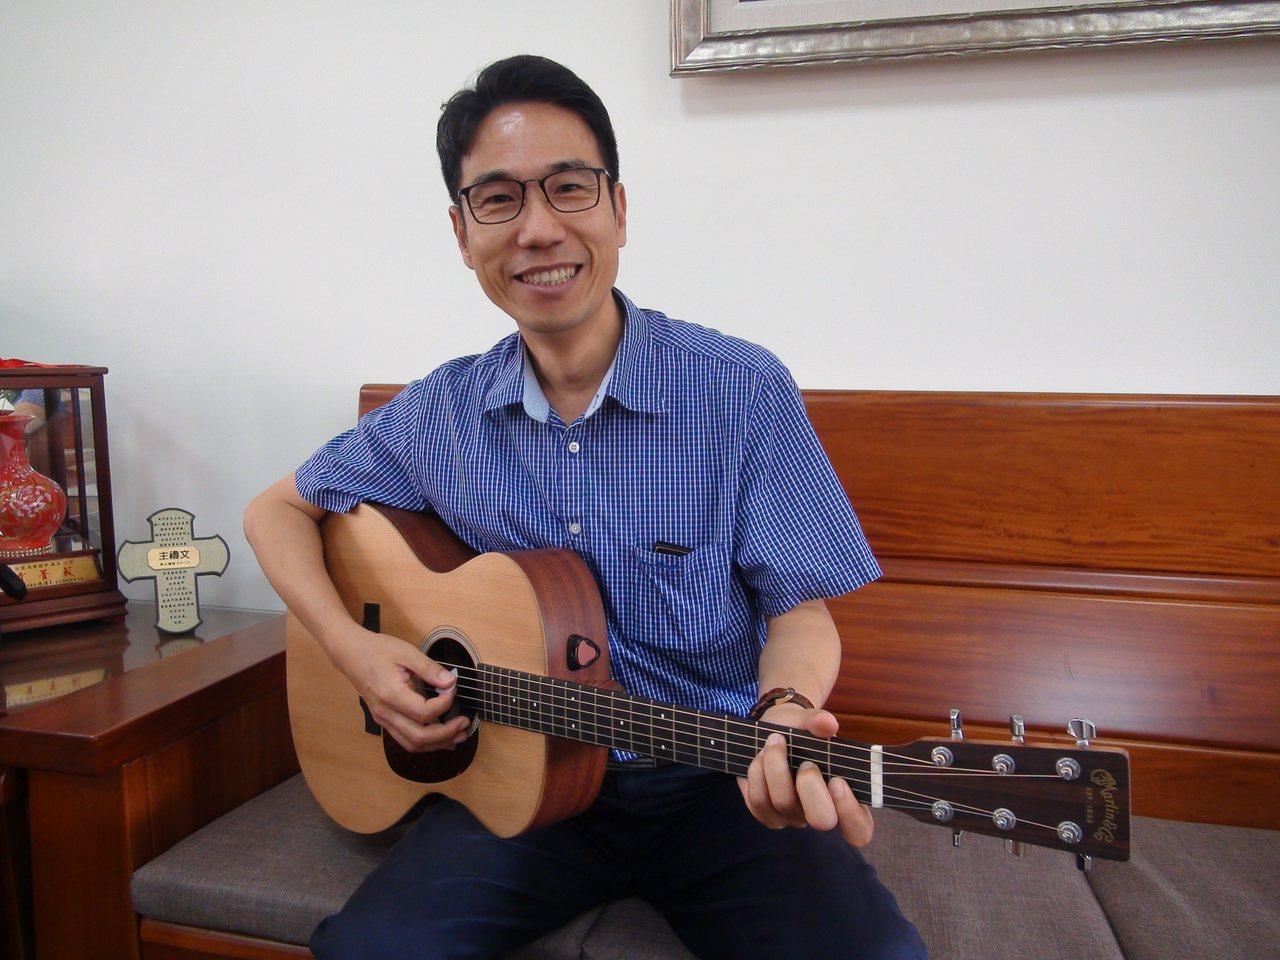 台中市大里區立新國中校長張嘉亨熱愛唱歌,每年都為自己的畢業生寫歌。 圖/余采瀅攝...